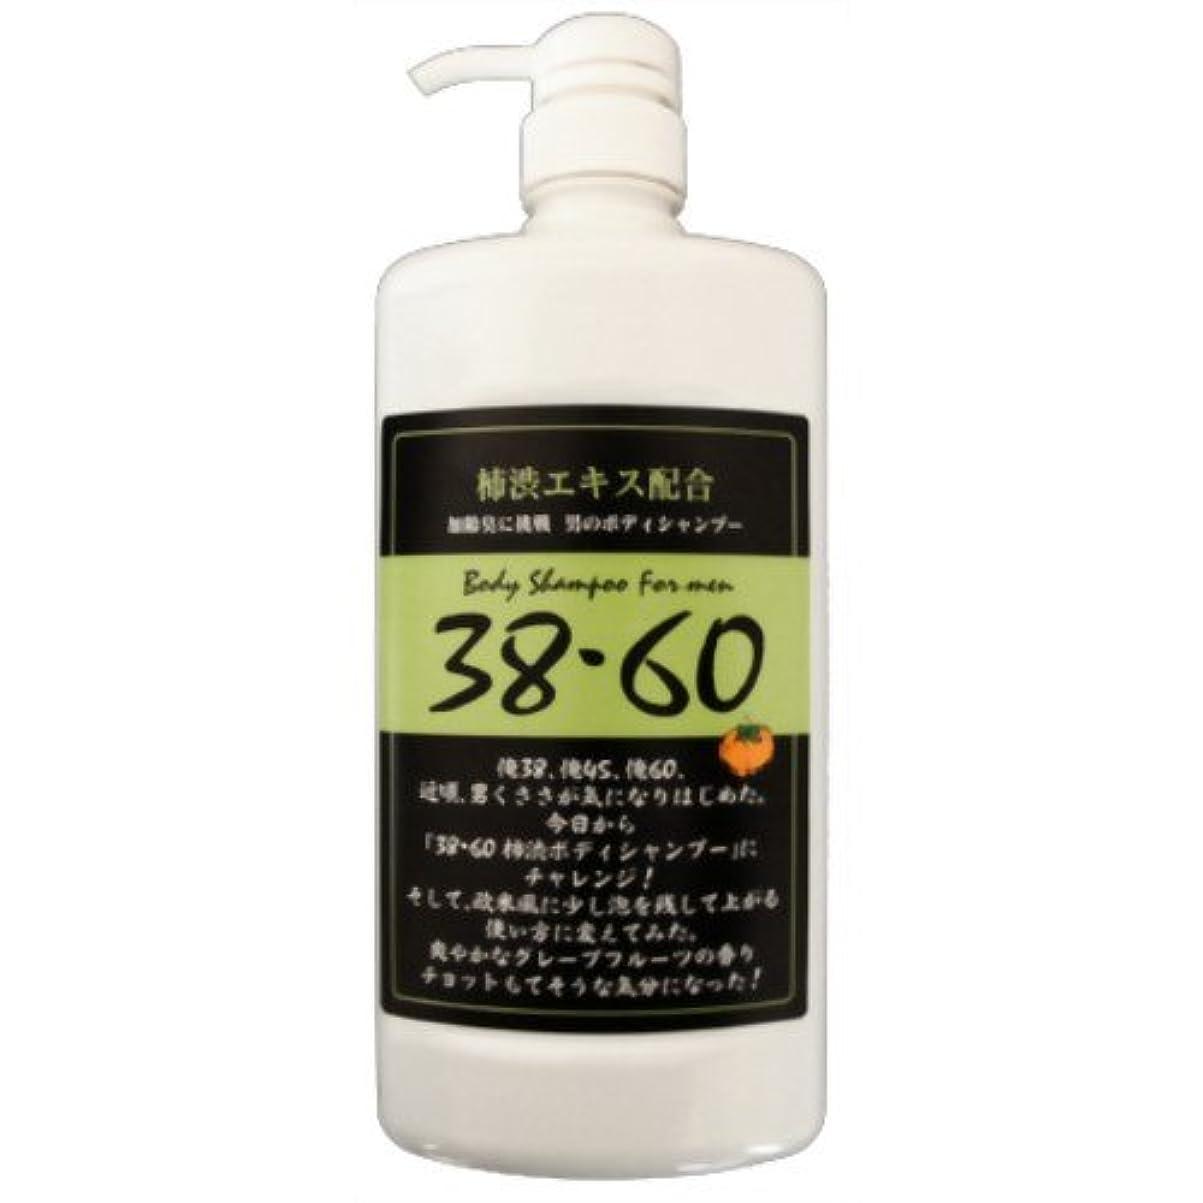 38?60柿渋ボディシャンプー詰替1500ml